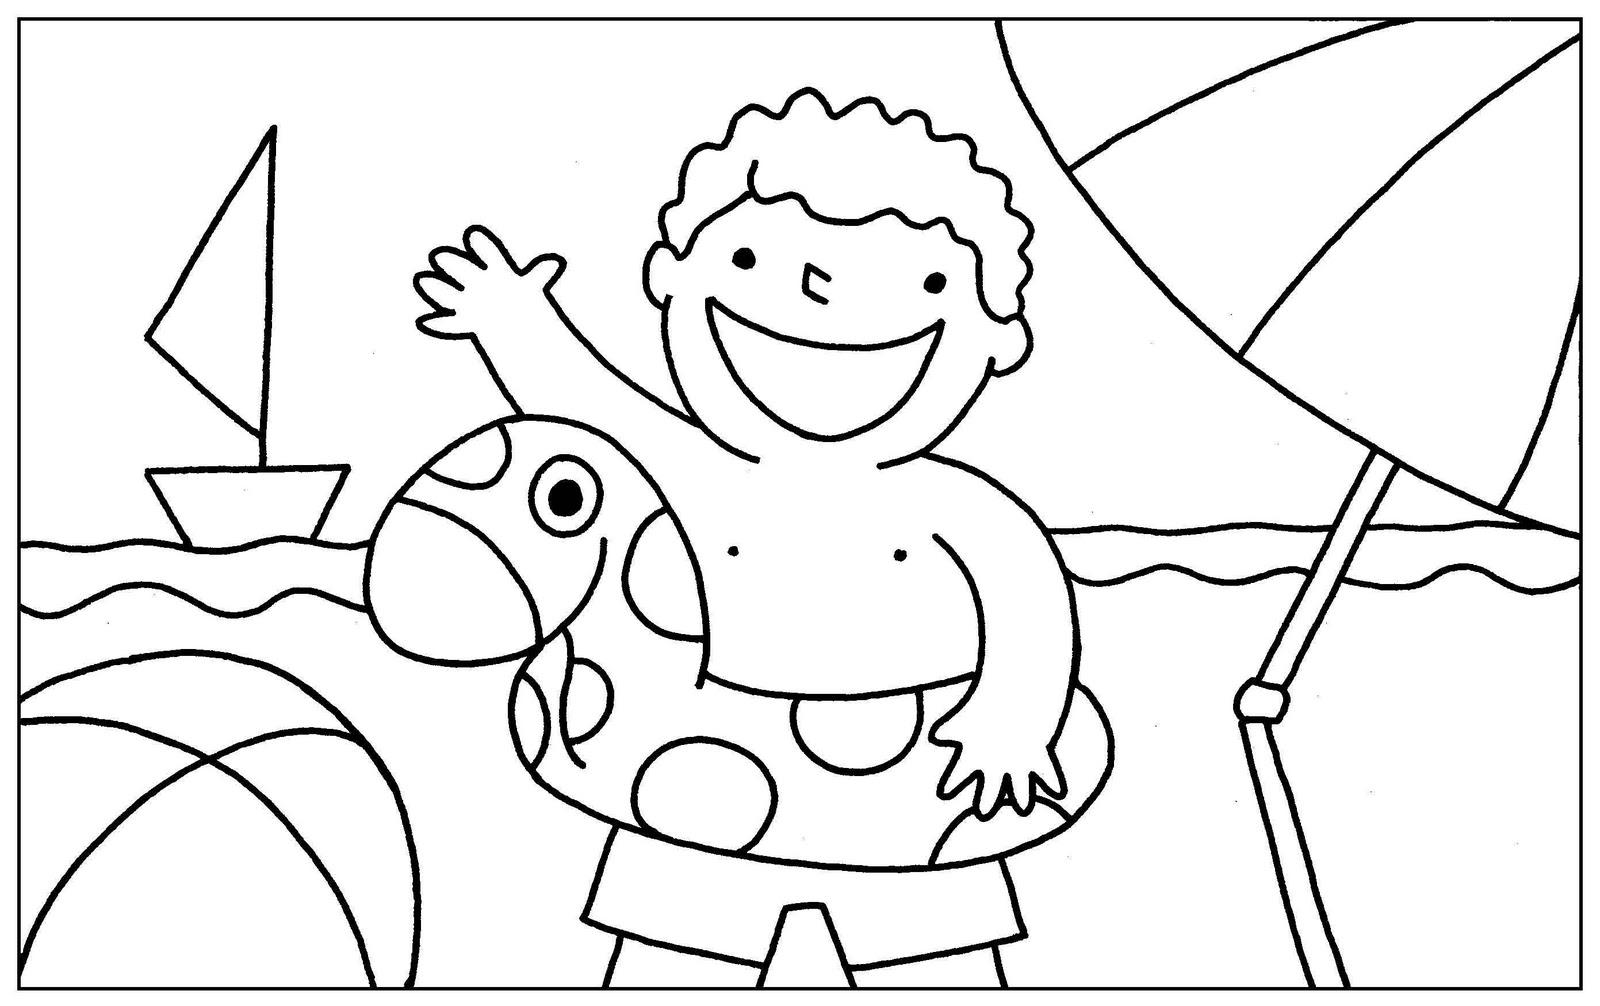 Dibujos Para Colorear Del Verano Para Niños Zapatillas Vans Para Niños